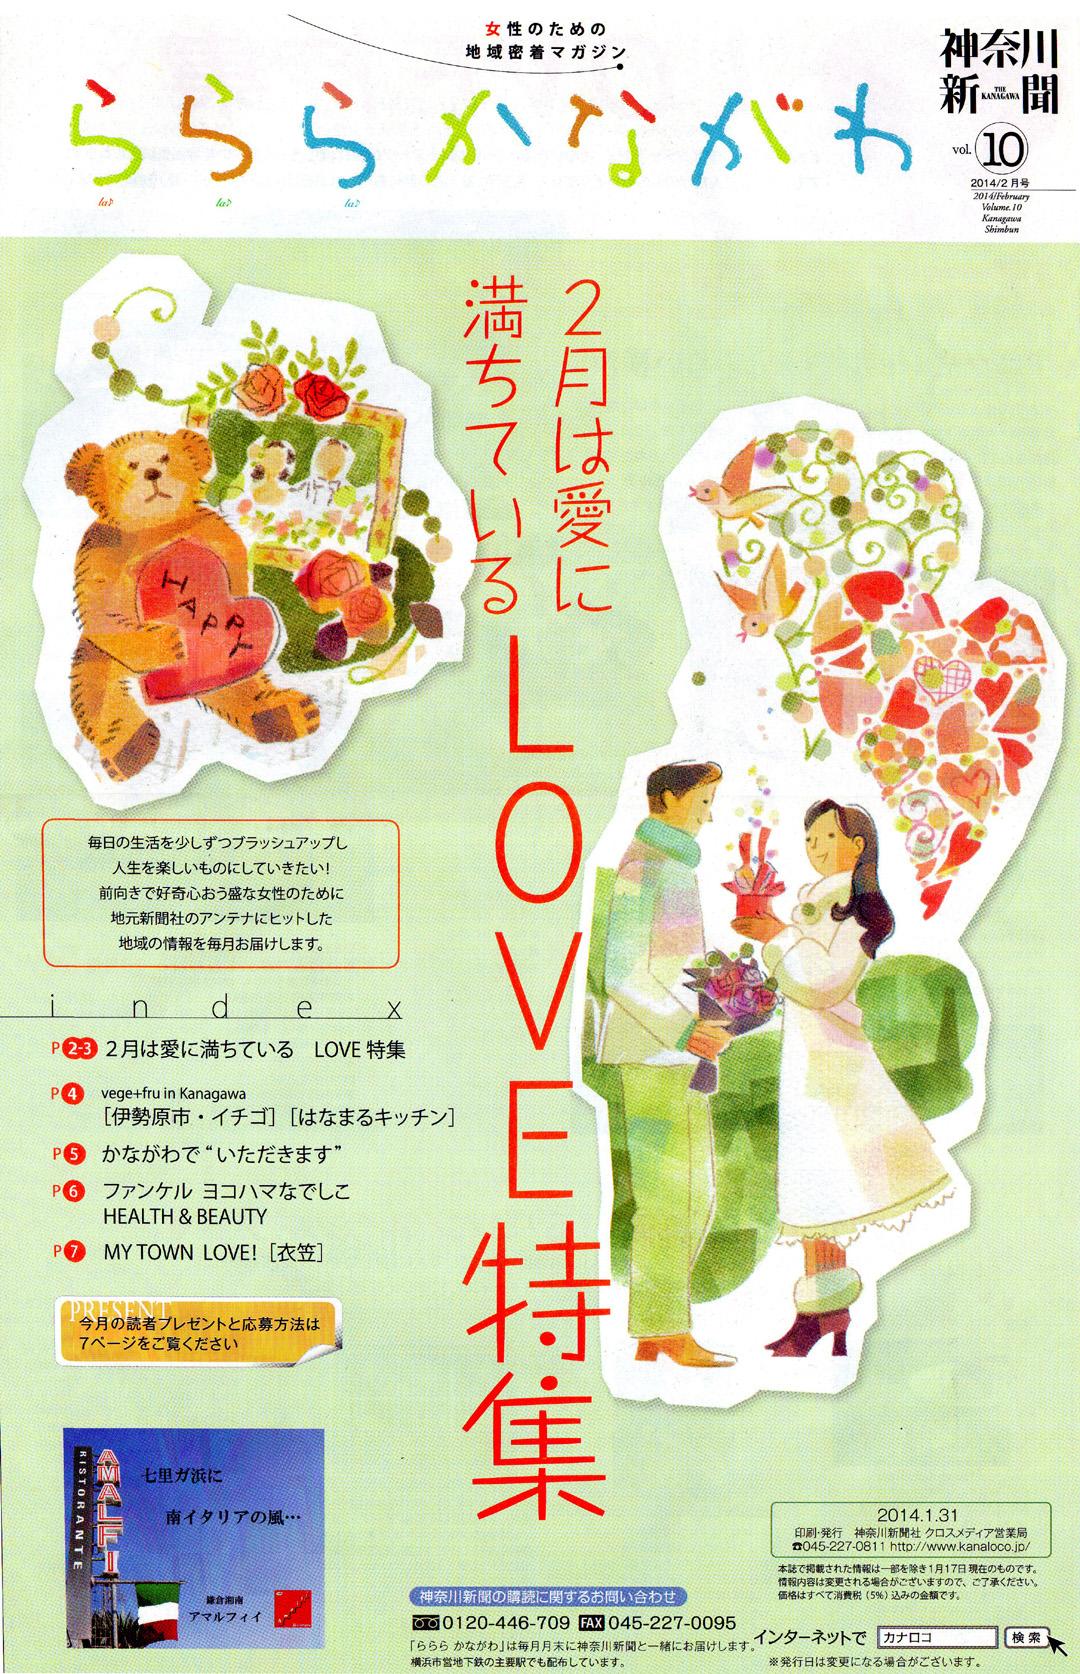 神奈川新聞のフリーペーパー「ららら かながわ」(2014年2月号)